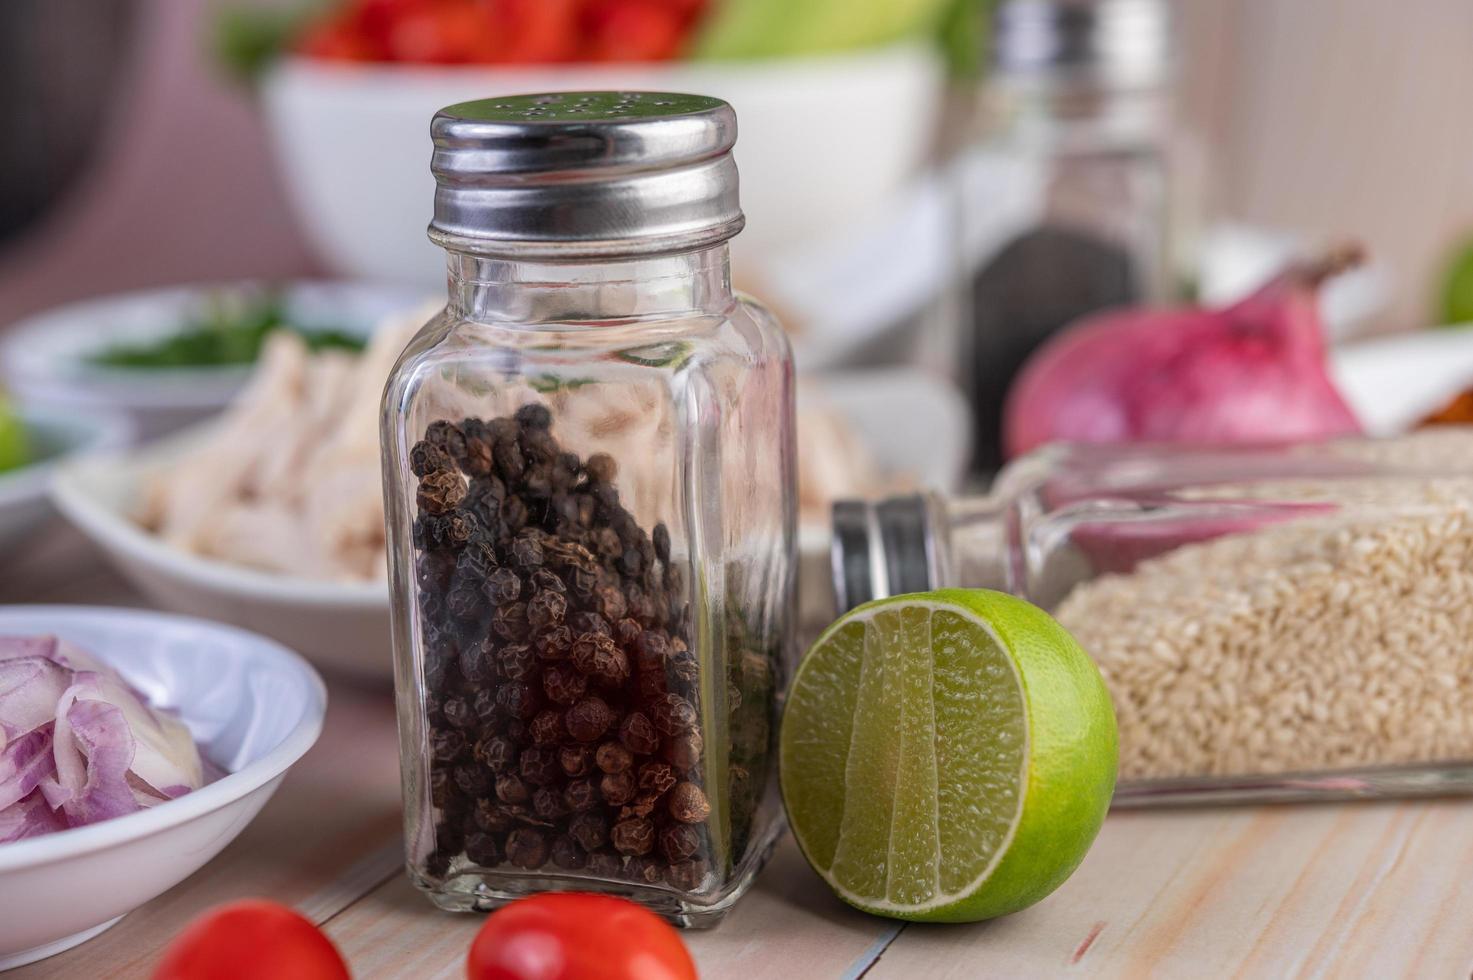 Pfefferstreuer auf Holztisch mit frischem Gemüse foto